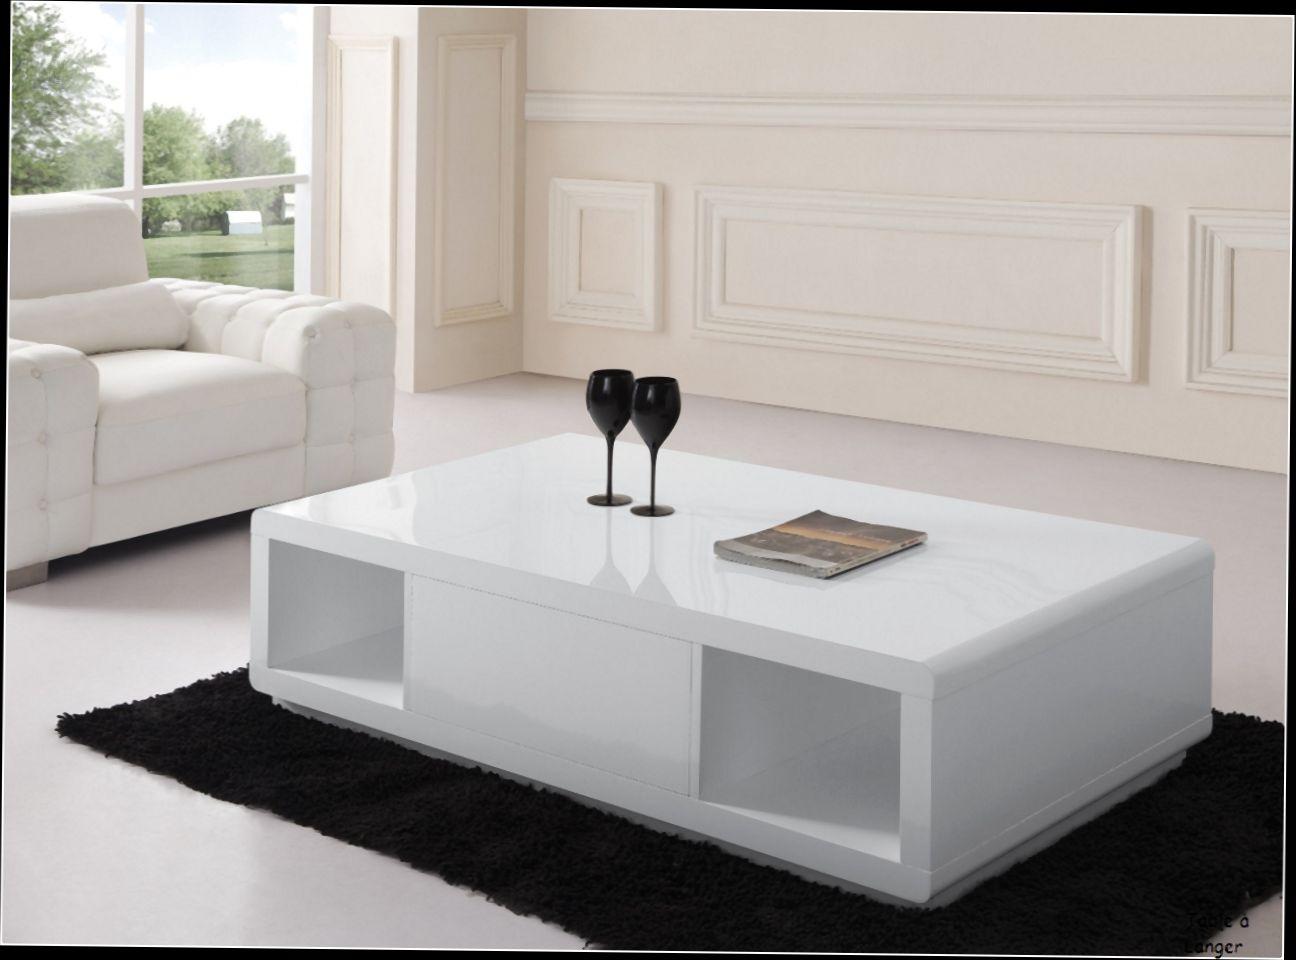 table basse alinea blanc laqu u00e9 mobilier design artist table ikea ikea lack table